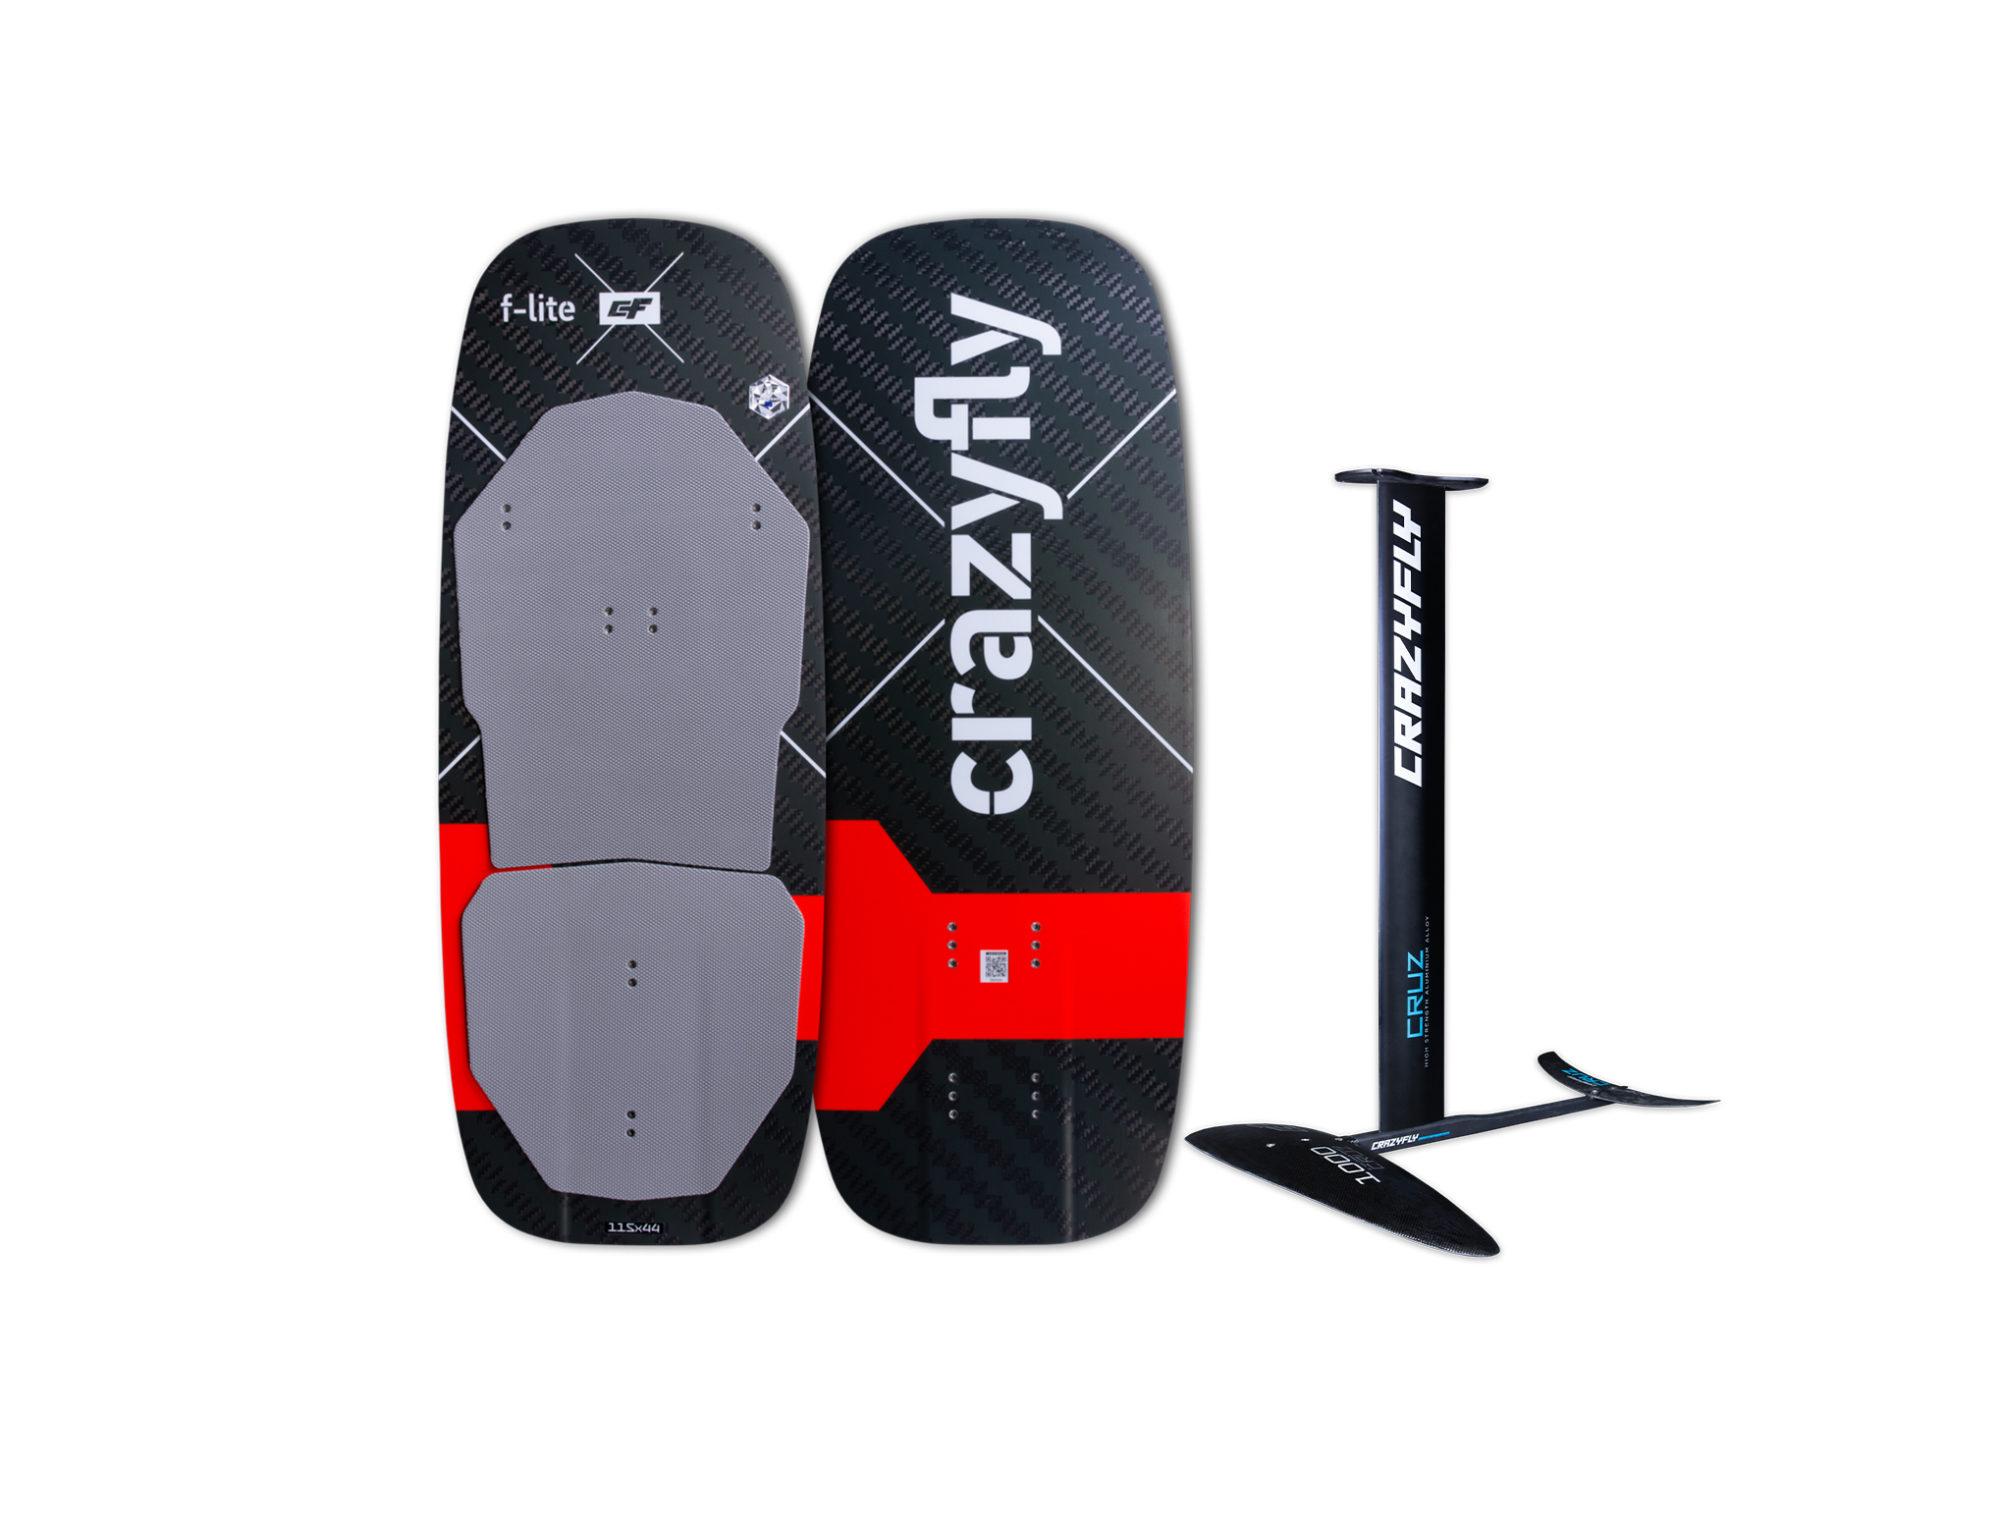 CrazyFly package copy scaled - CRAZYFLY CRUZ 1000 AND F-LITE